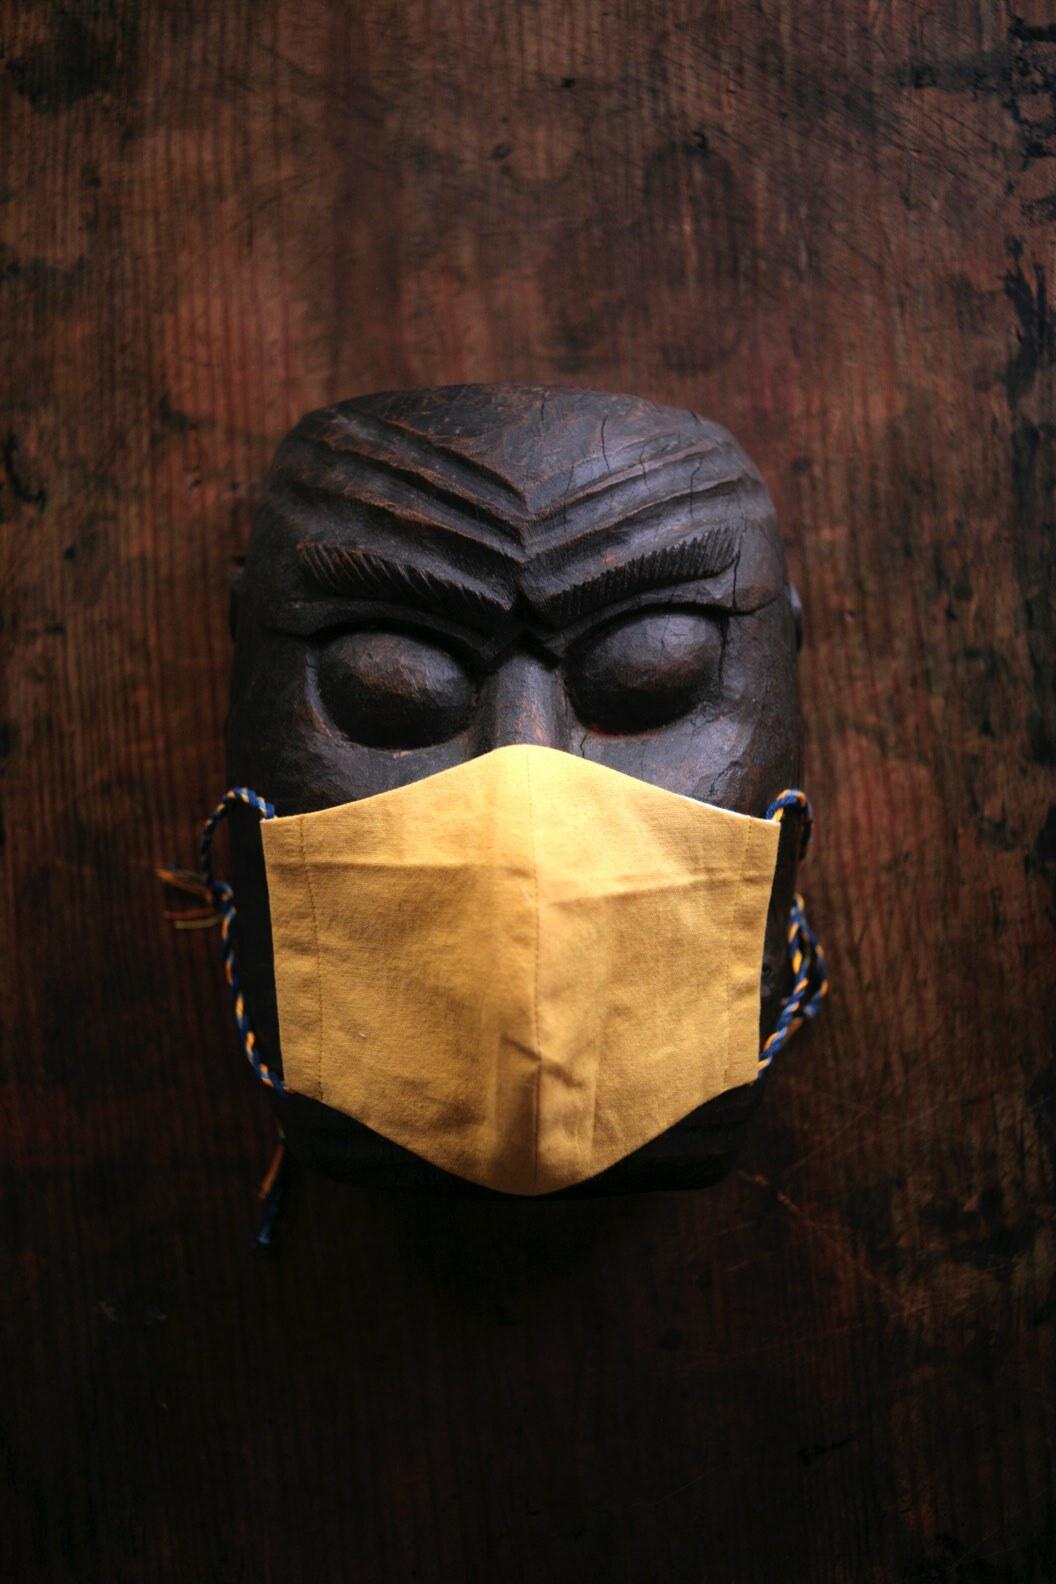 験担ぎマスク